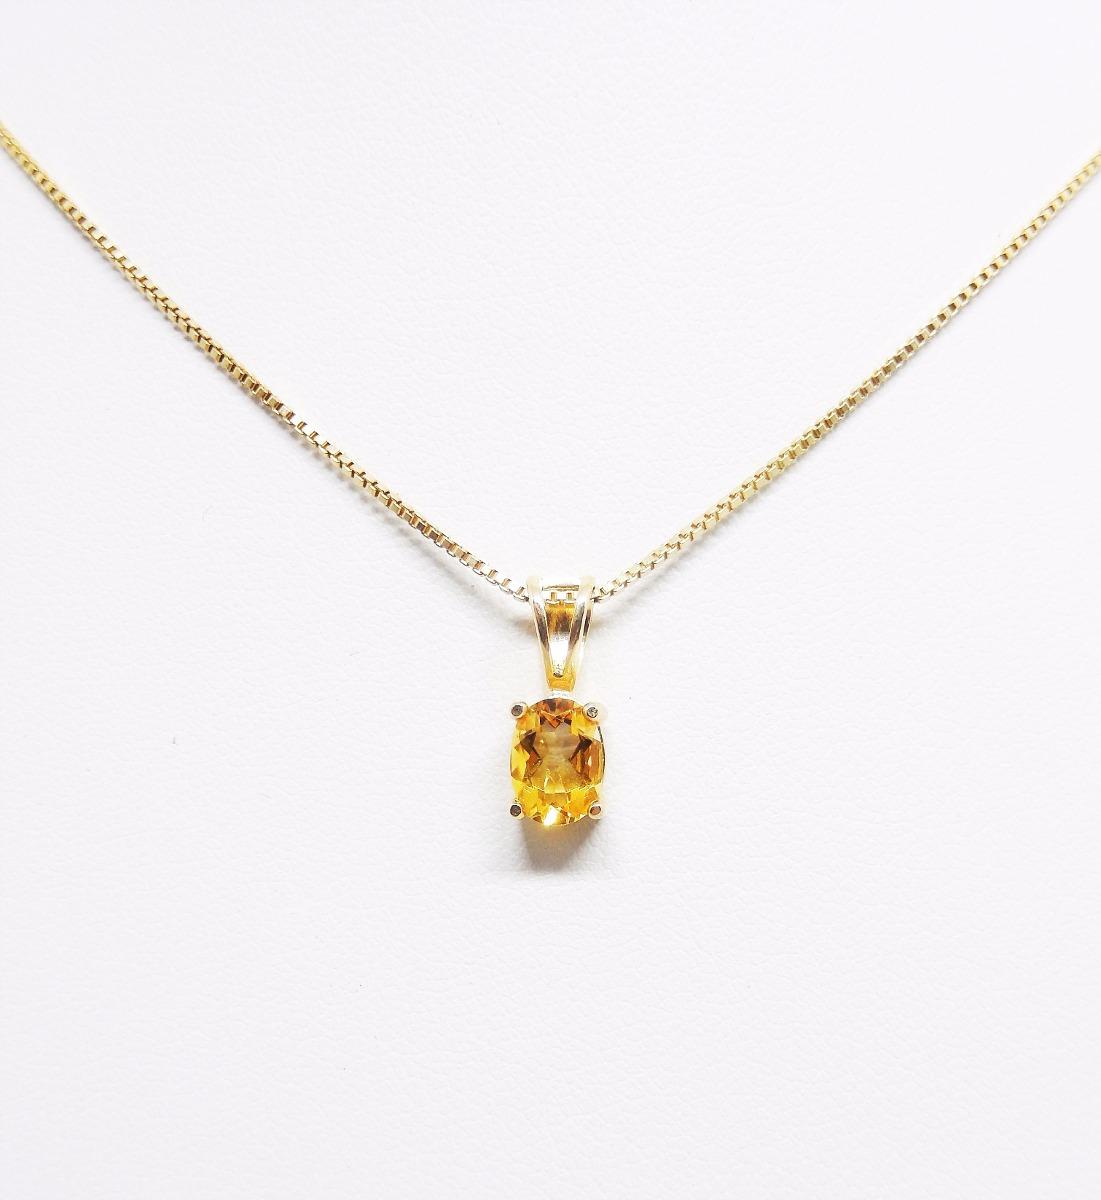 24215a8b14689 colar pingente ponto luz citrino prata 925 folheado ouro. Carregando zoom.